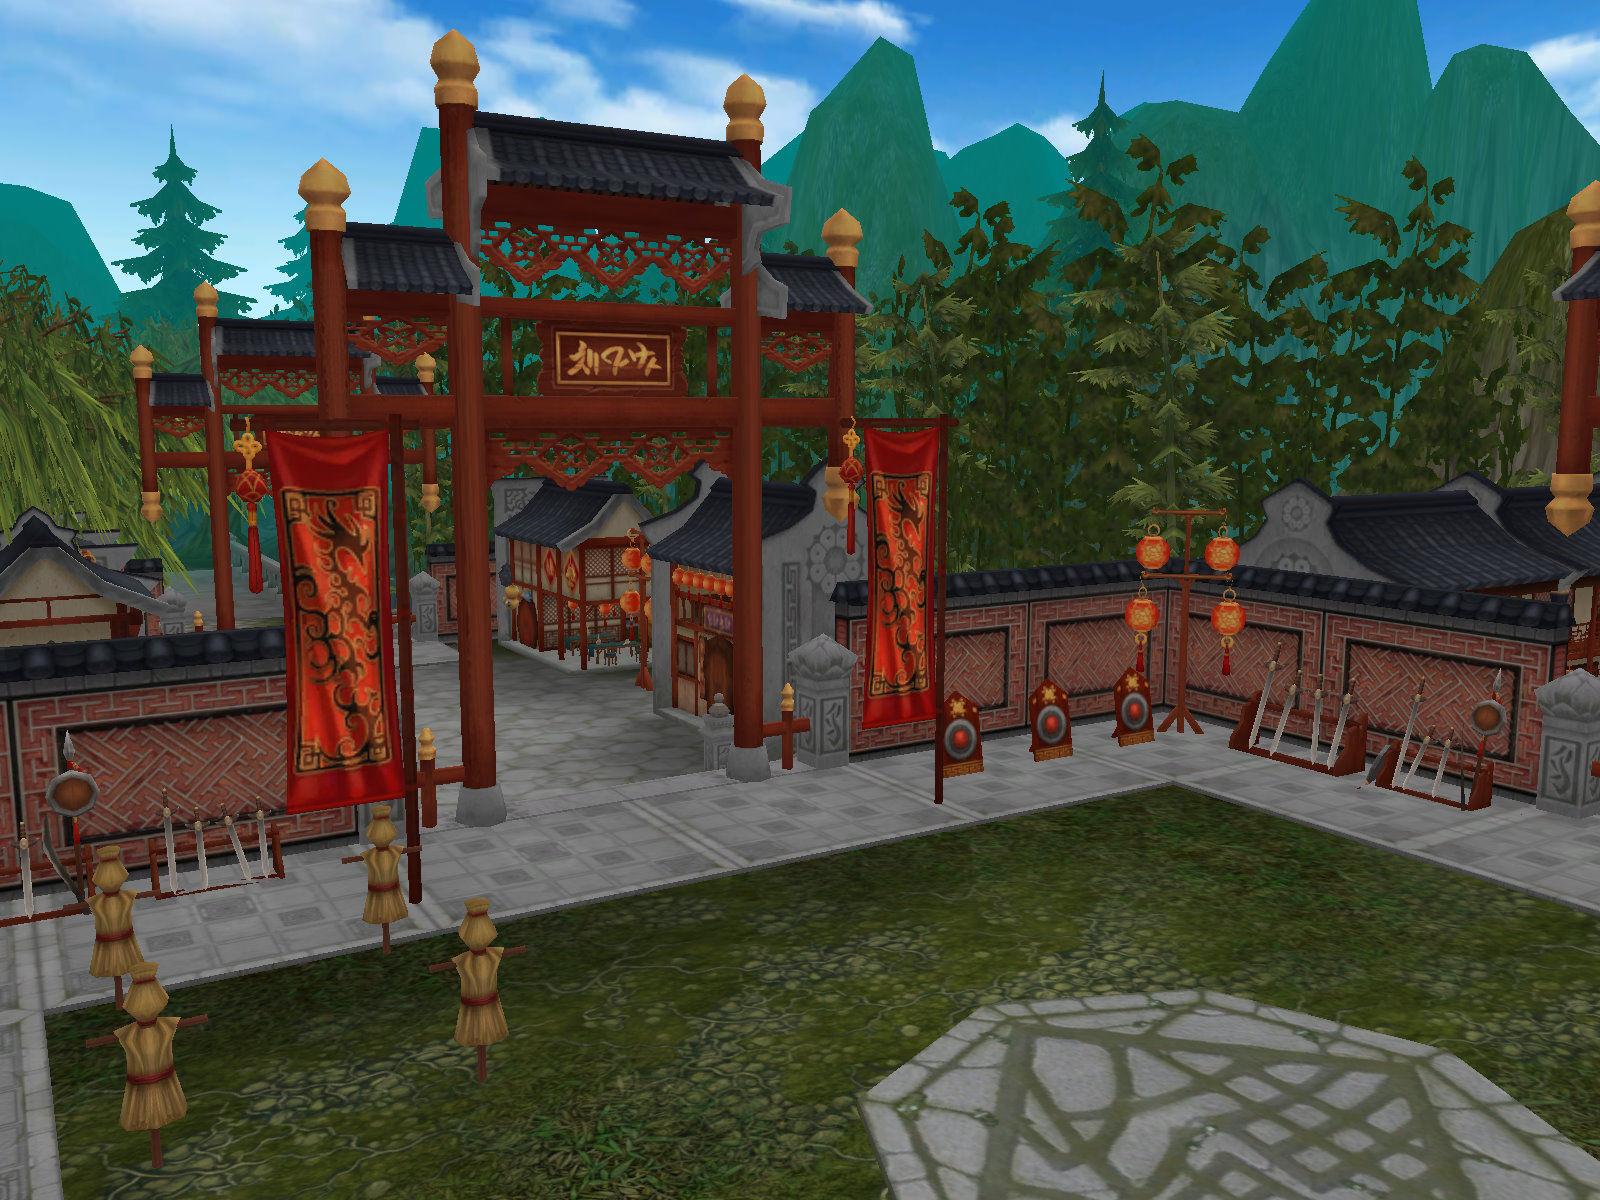 《天堂梦》游戏图片4